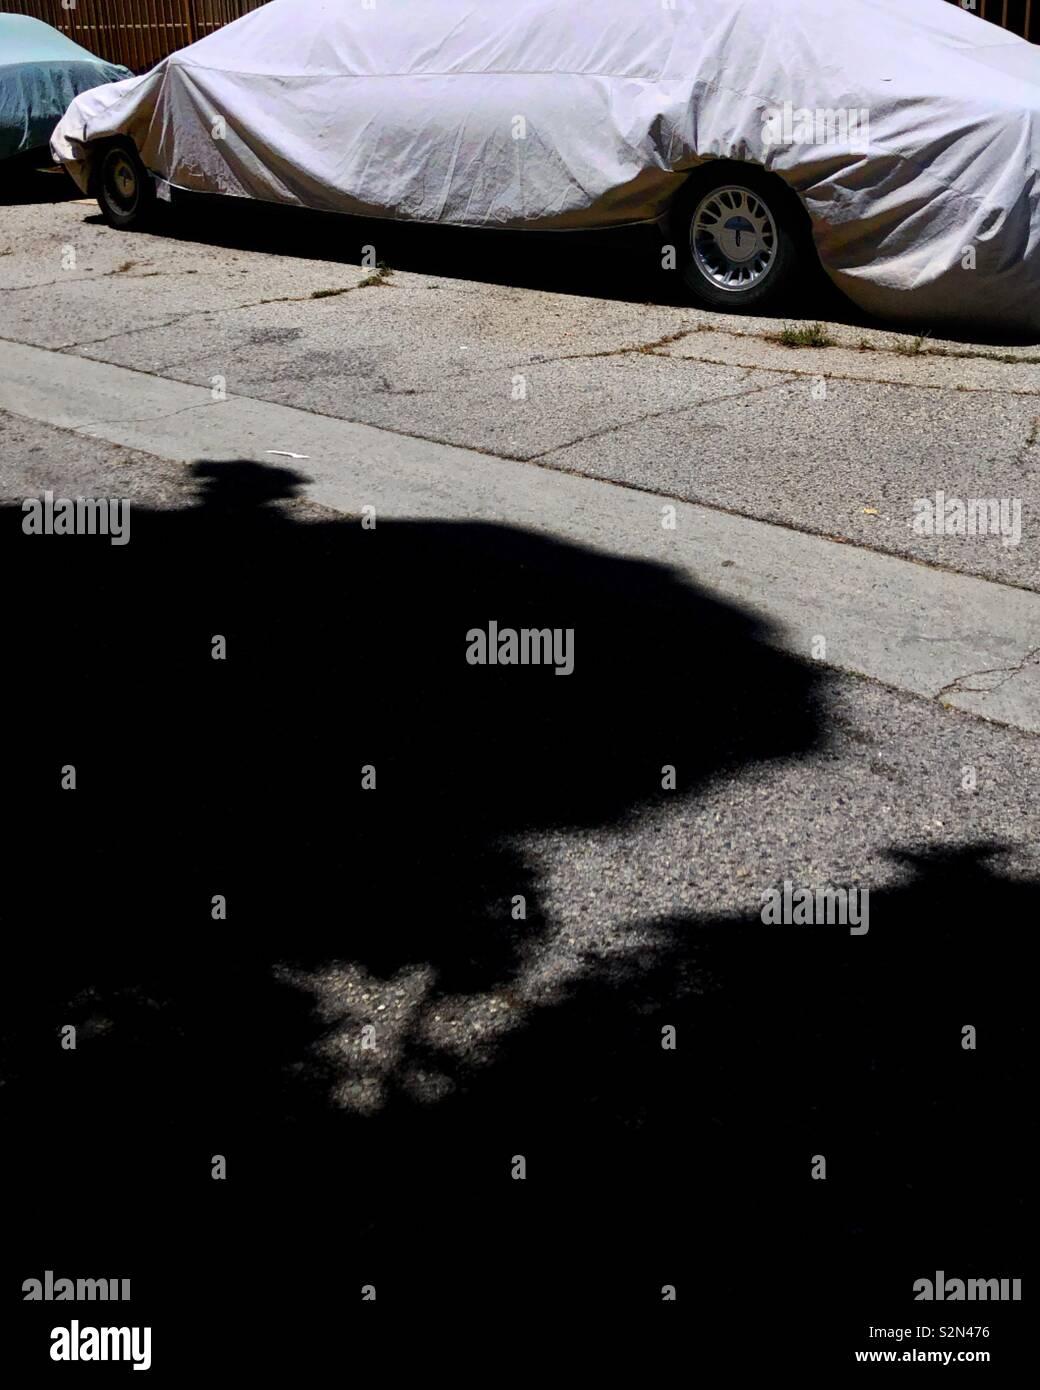 Bâche couvre une grande location de limousine garée dans une ruelle Photo Stock